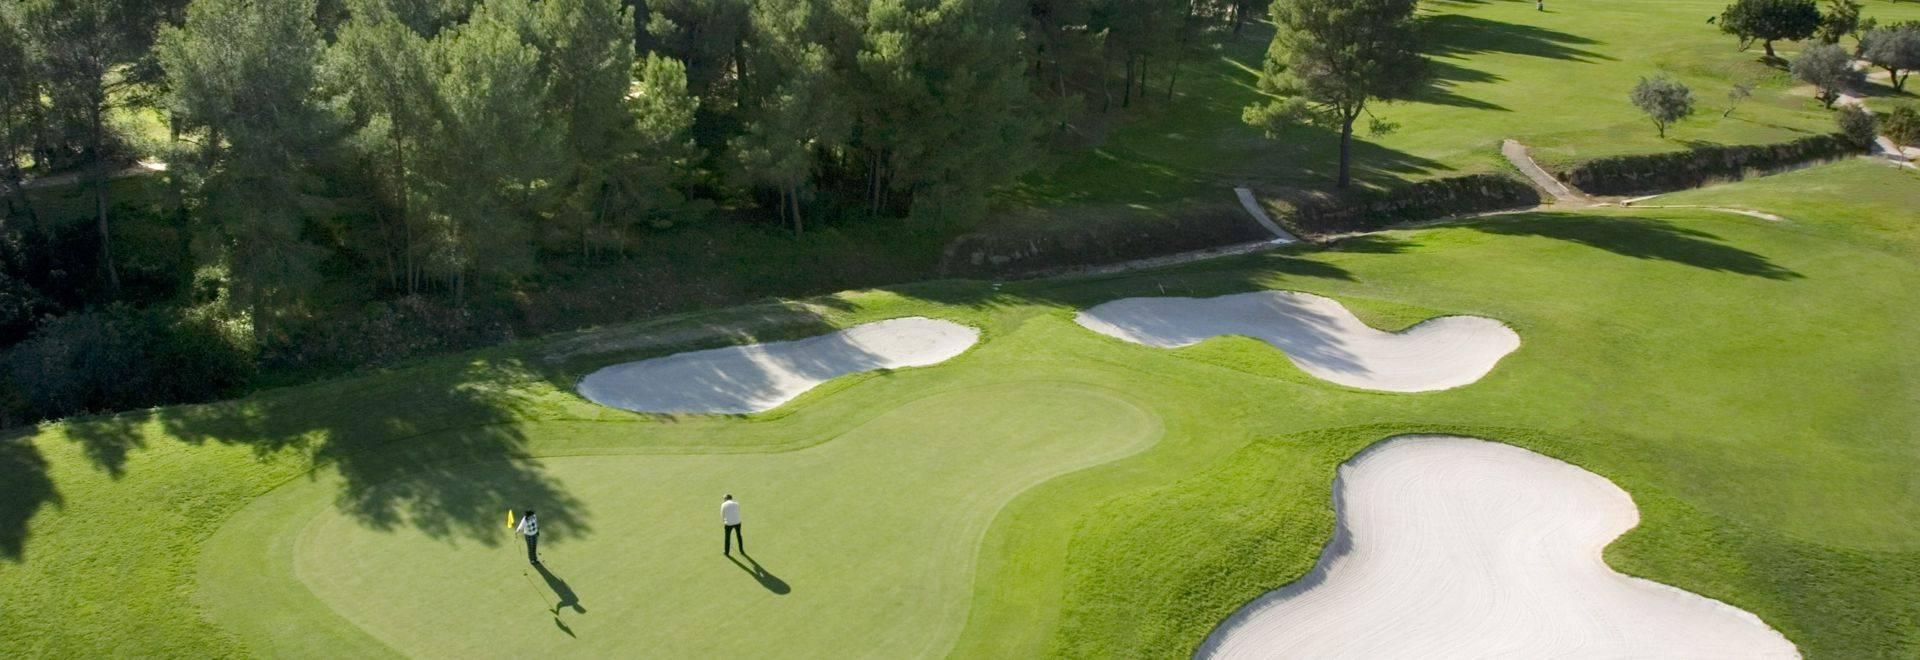 Golf Vista Area-31-Golf.jpg